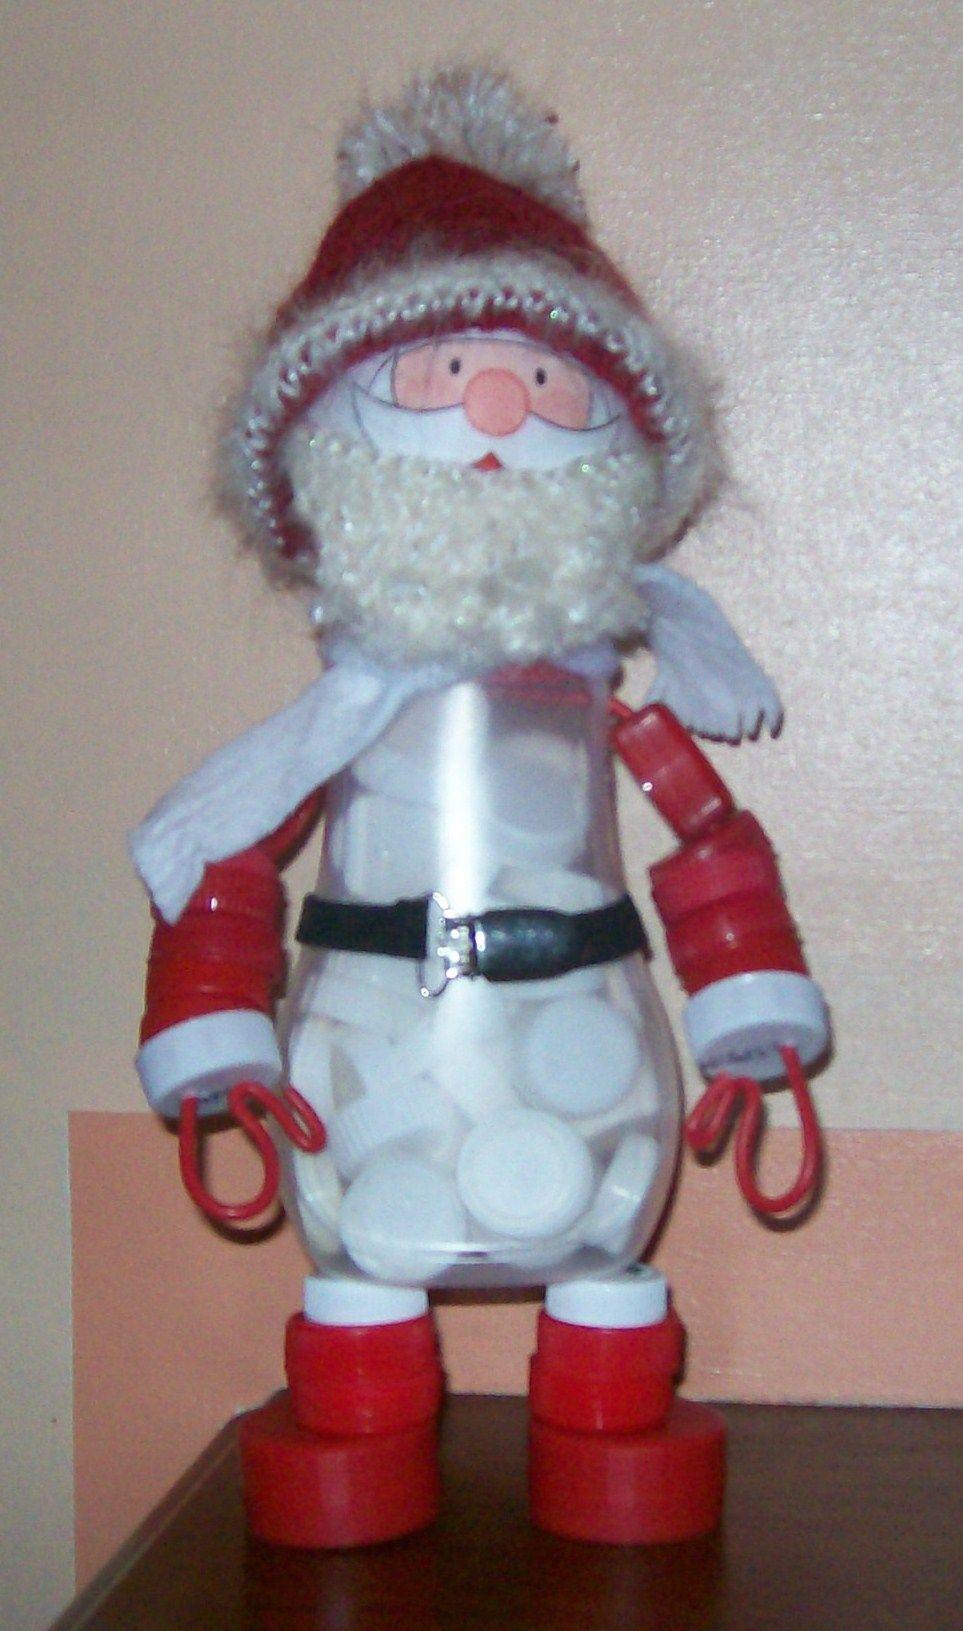 Père Noël Fabriqué Avec Un Flacon Plastique Et Des Bouchons concernant Fabrication De Pere Noel